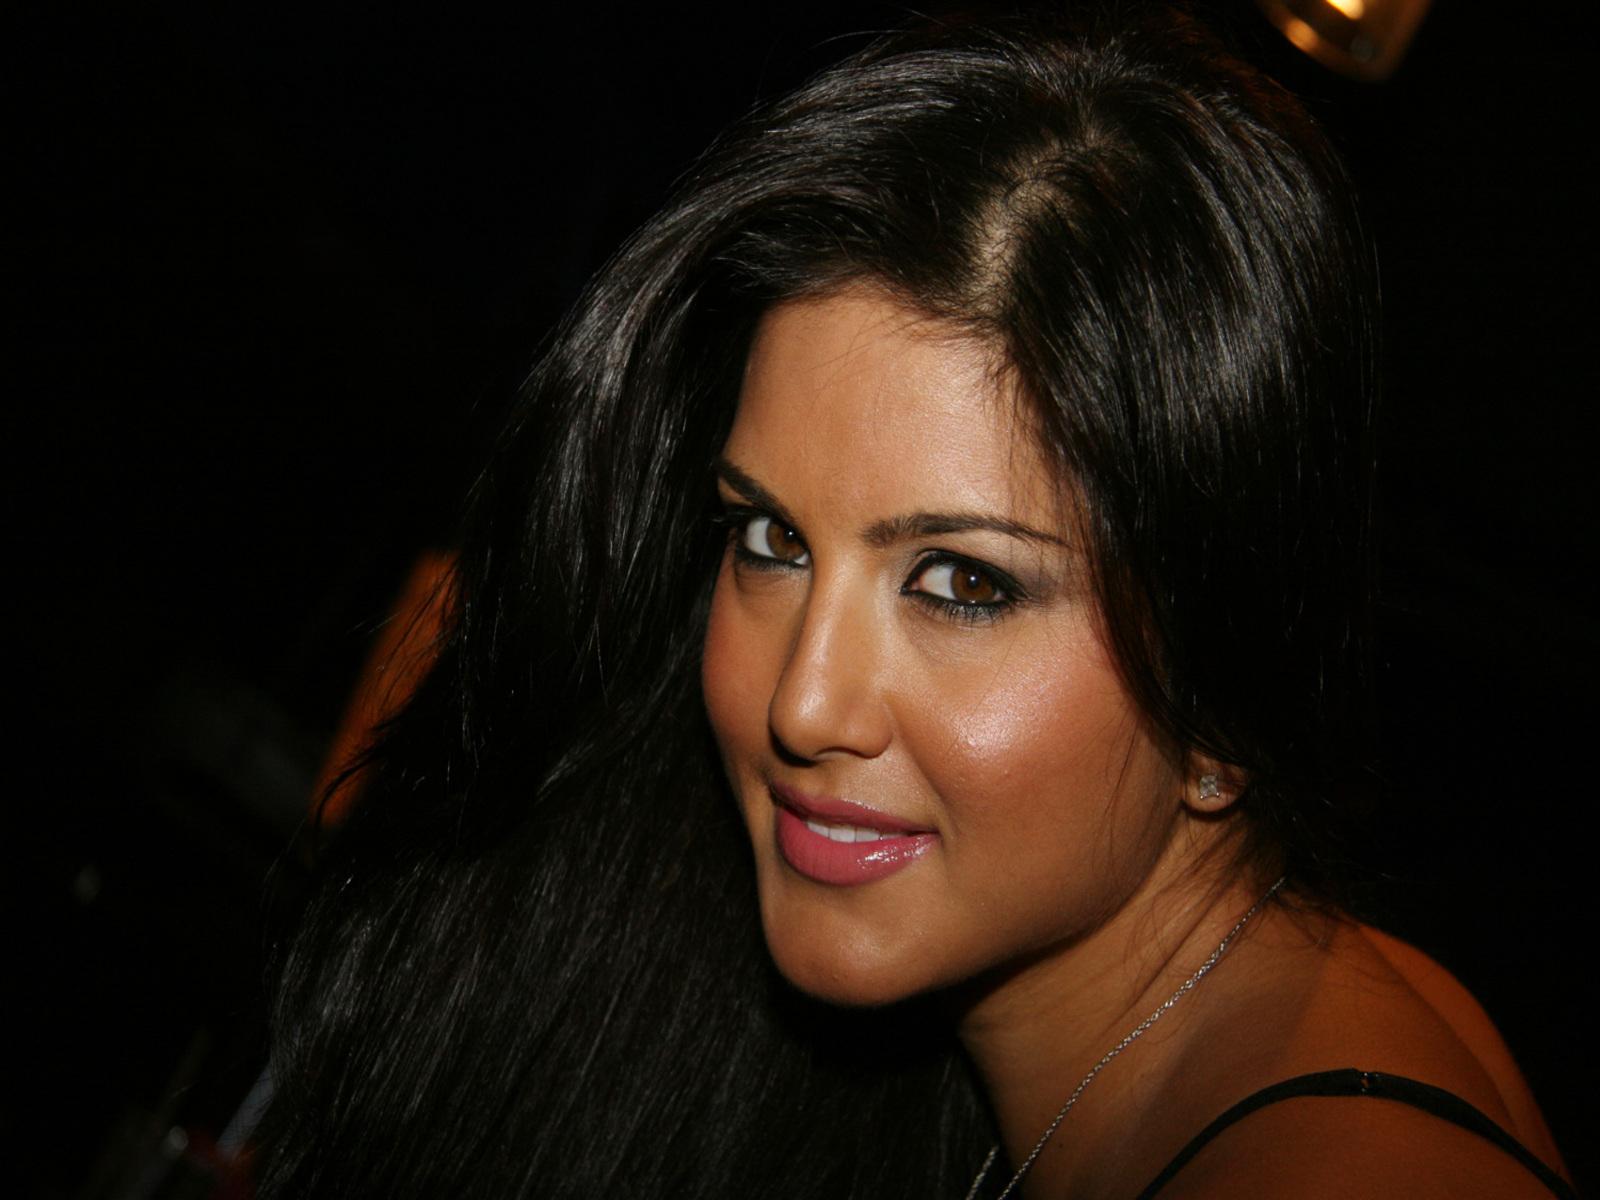 Sunny Leone Profile Hd Wallpaper Sexy Hot-7523